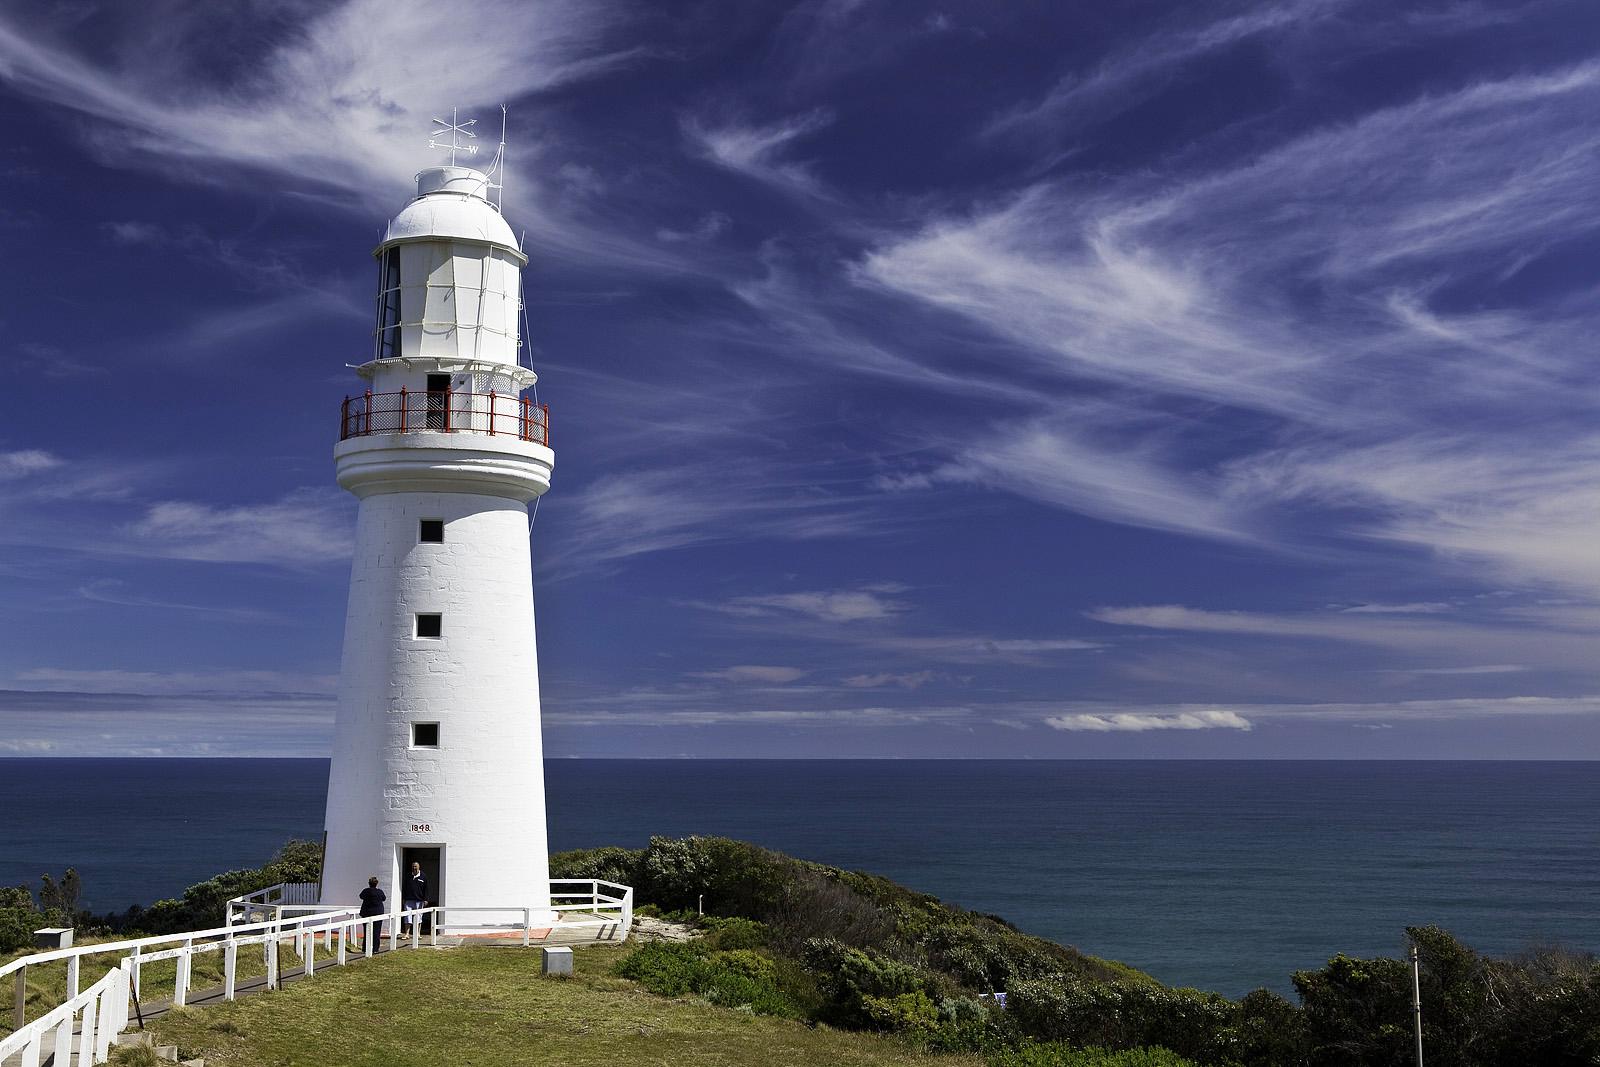 фото маяка на скале с видом в море том